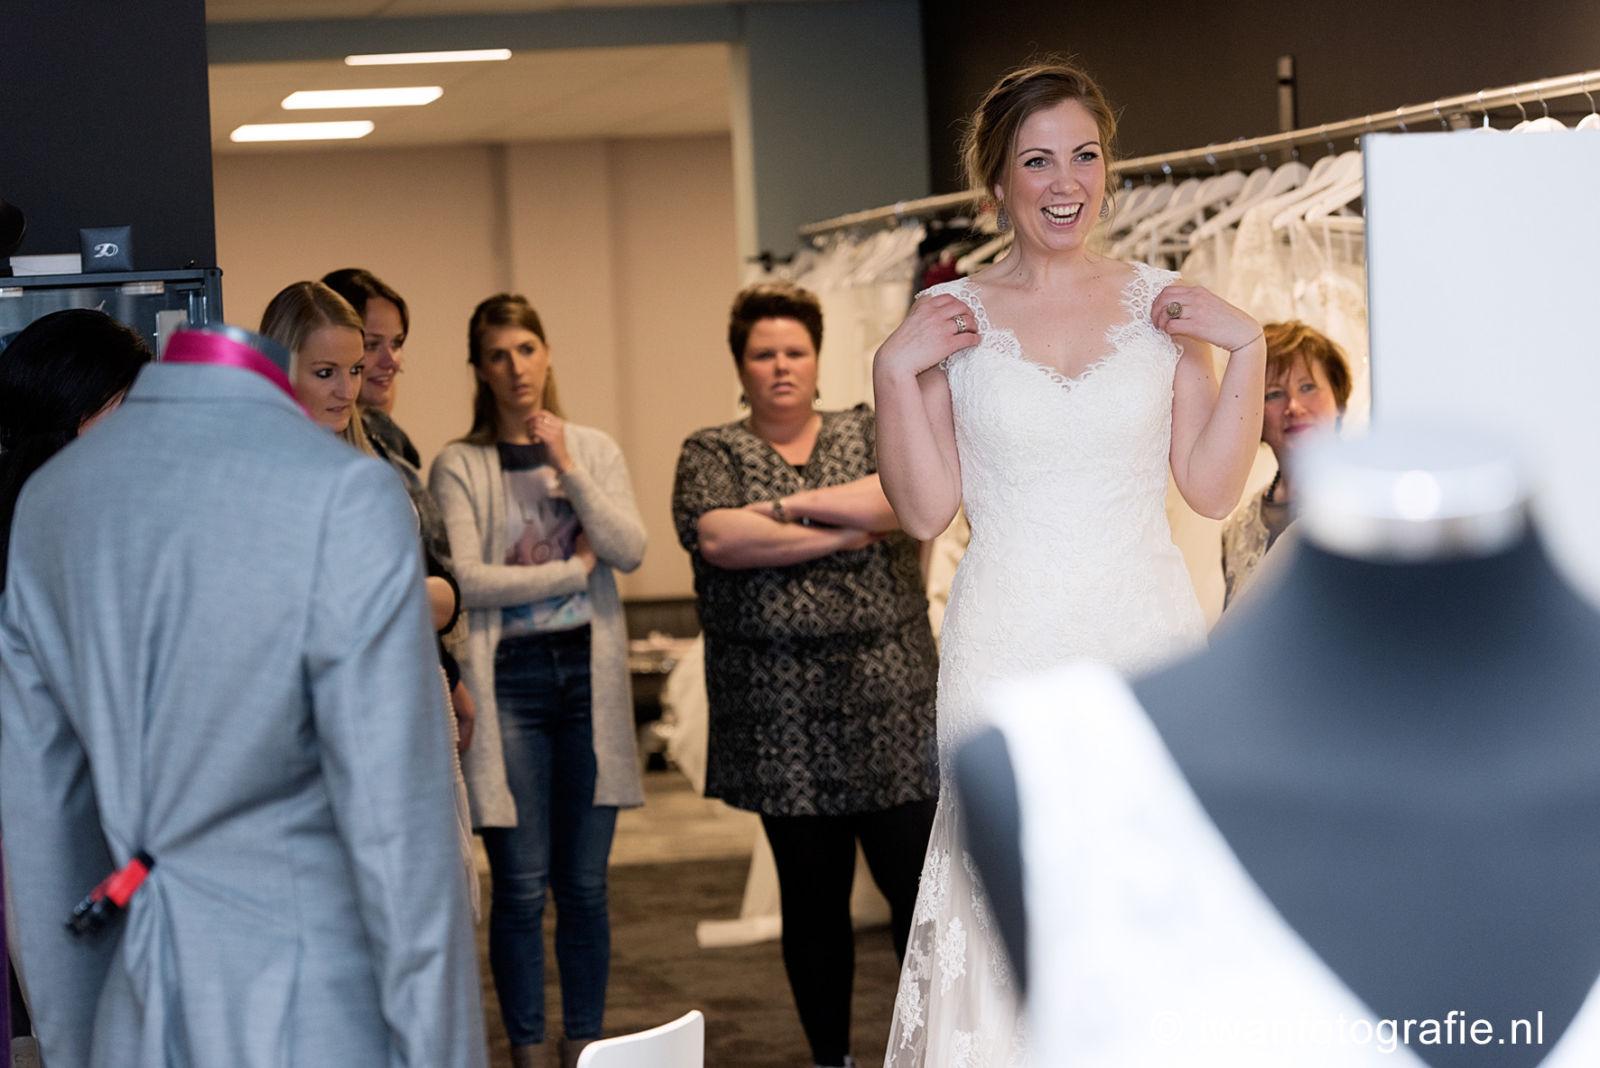 Brautmoden Geschaft Ahaus Enschede